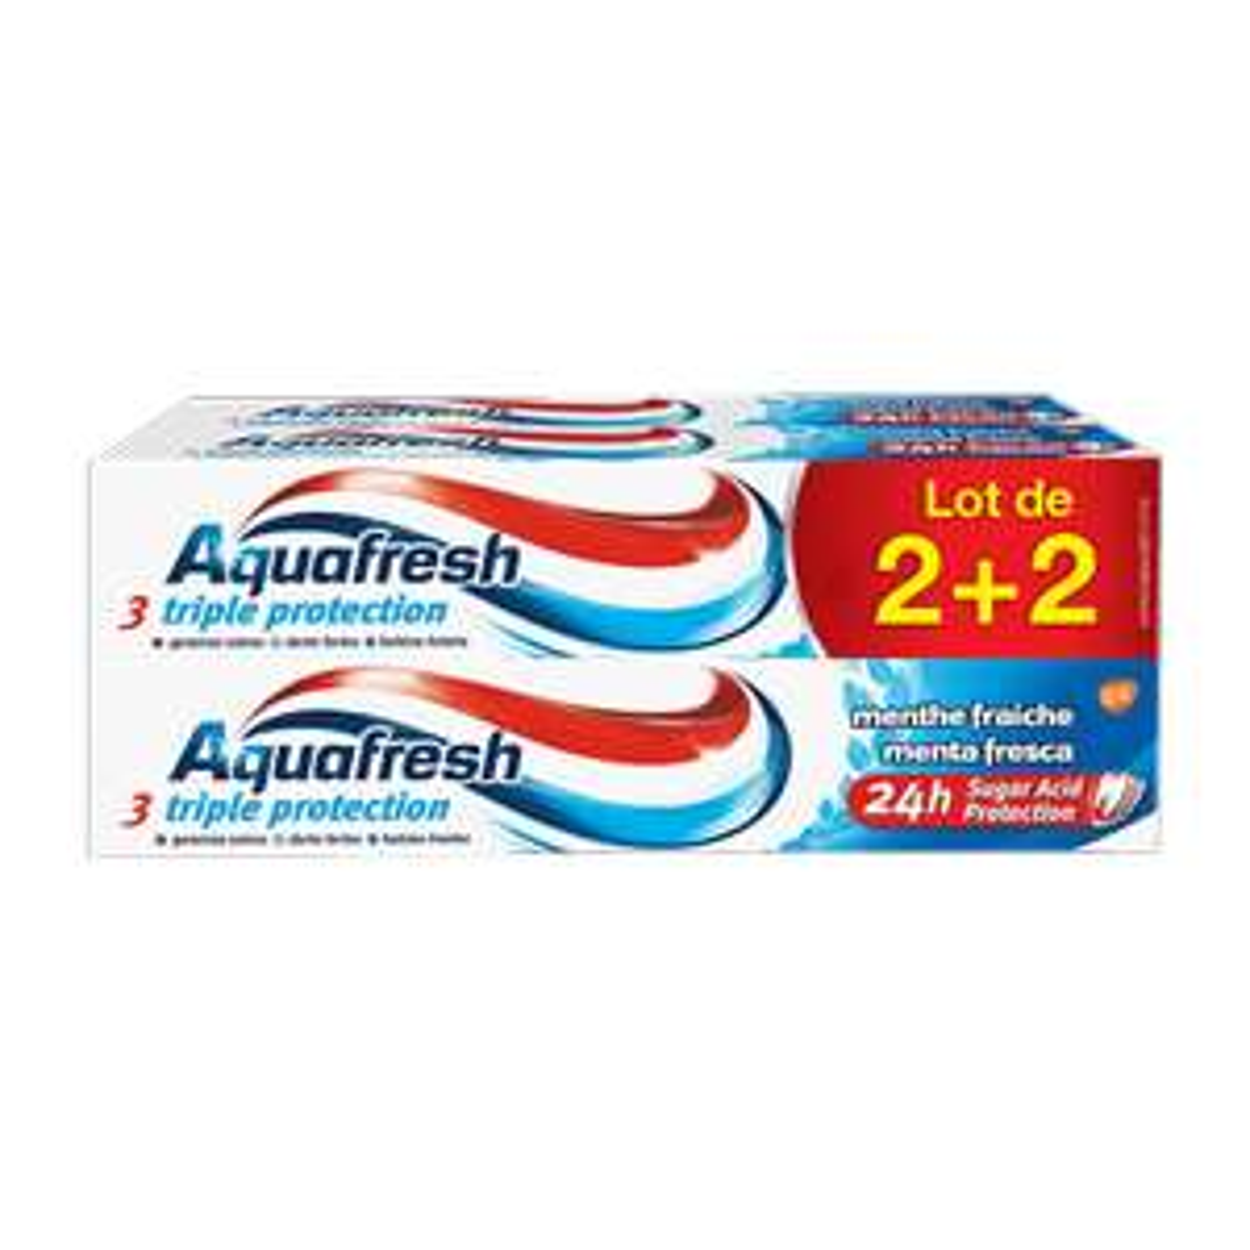 Lot de 4 tubes de dentifrice Aquafresh triple protection menthe fraîche (4 x 75ml)